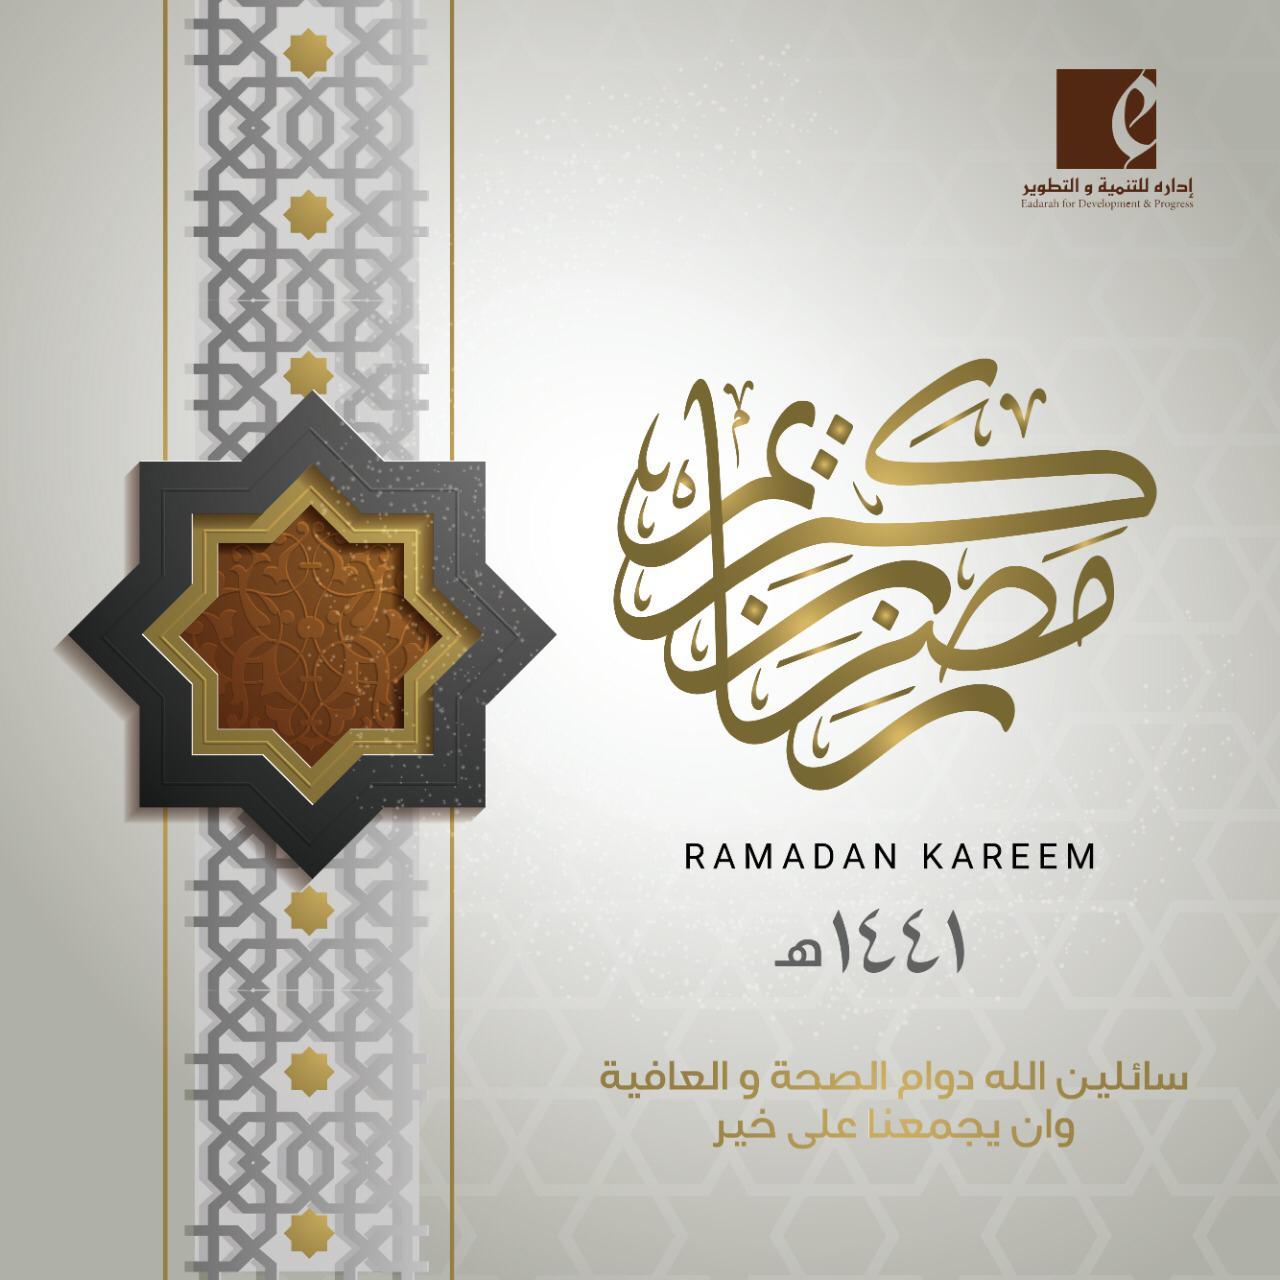 تهنئه بمناسبة شهر رمضان المبارك